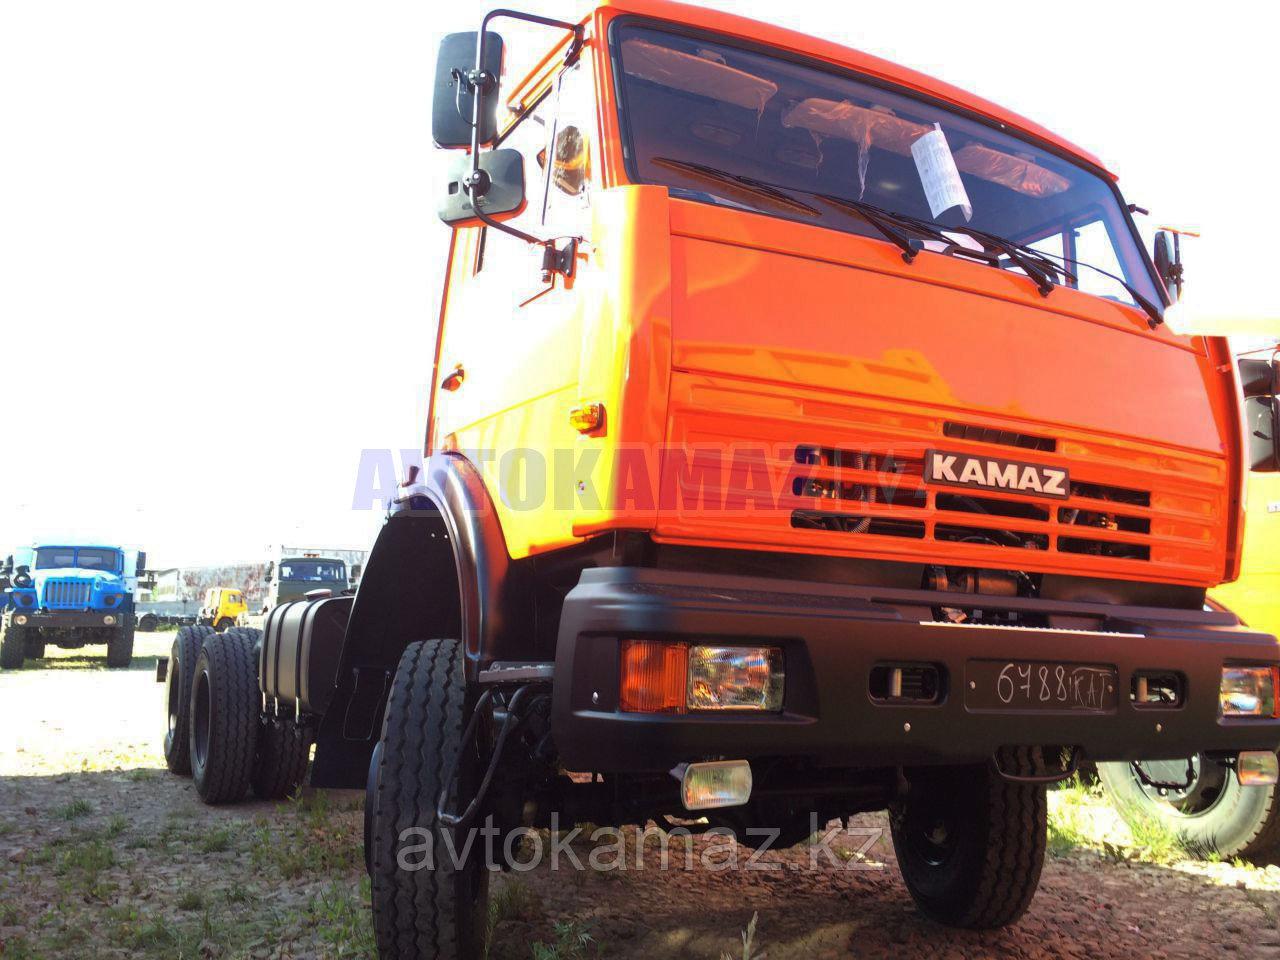 Шасси КамАЗ 53228-1960-15 (2013 г.)